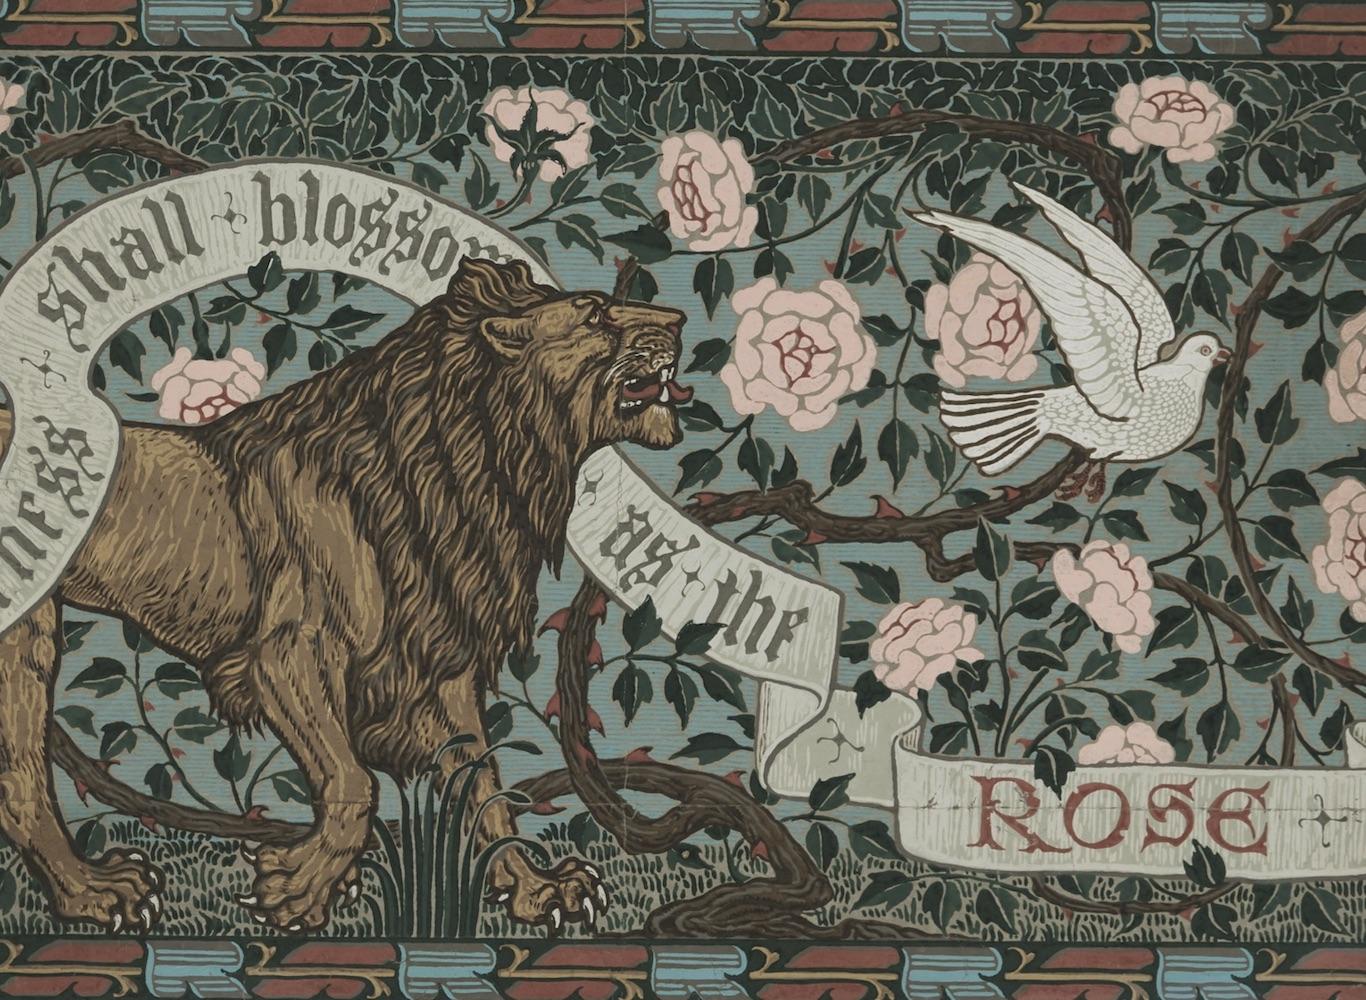 ウォルター・クレイン《ライオンとはと》1900年